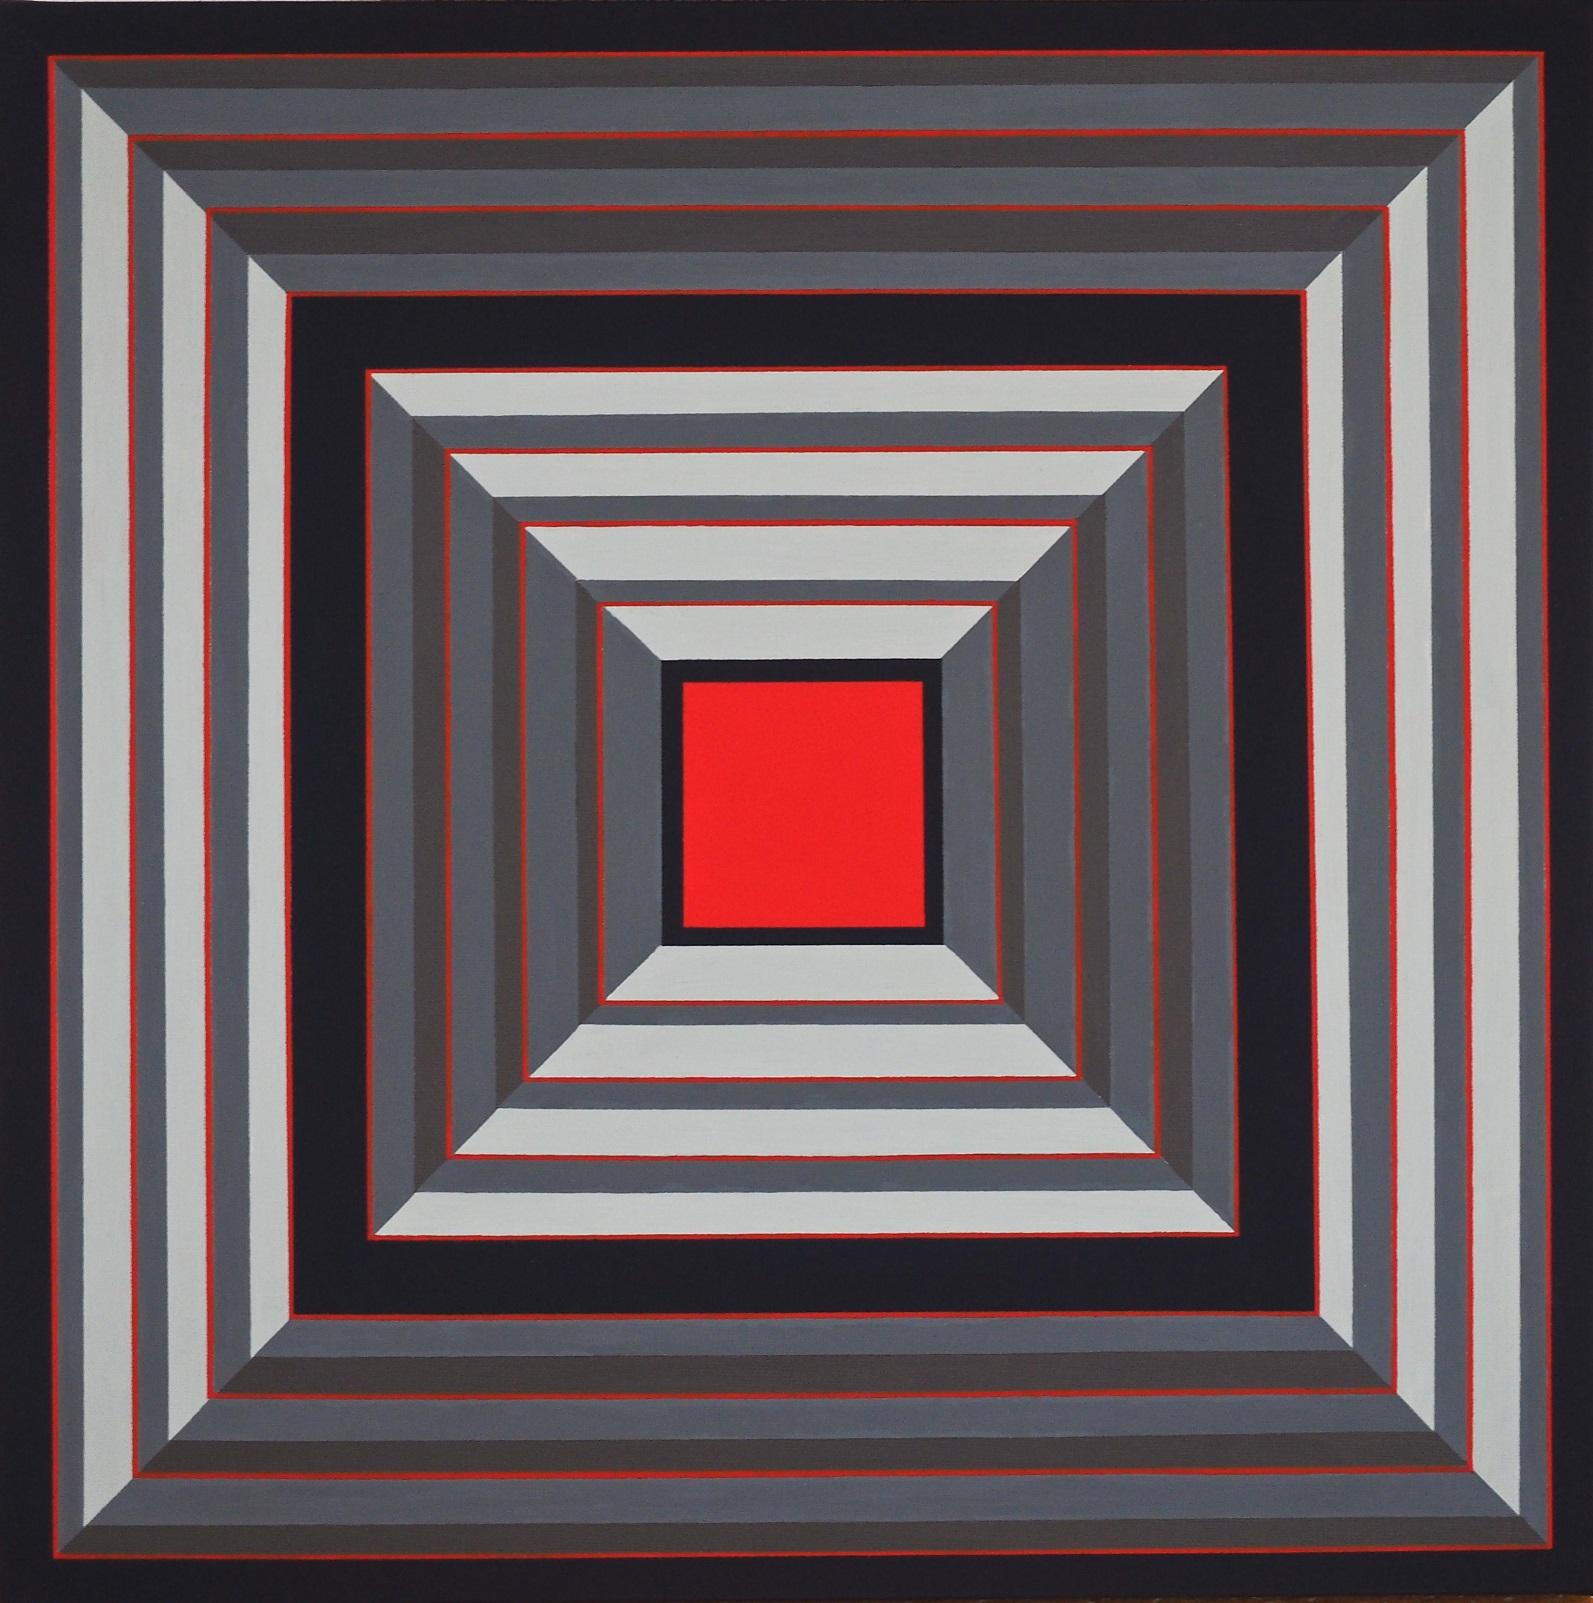 Profondo Rosso 50x50 acrilico su tela 09/01/2014